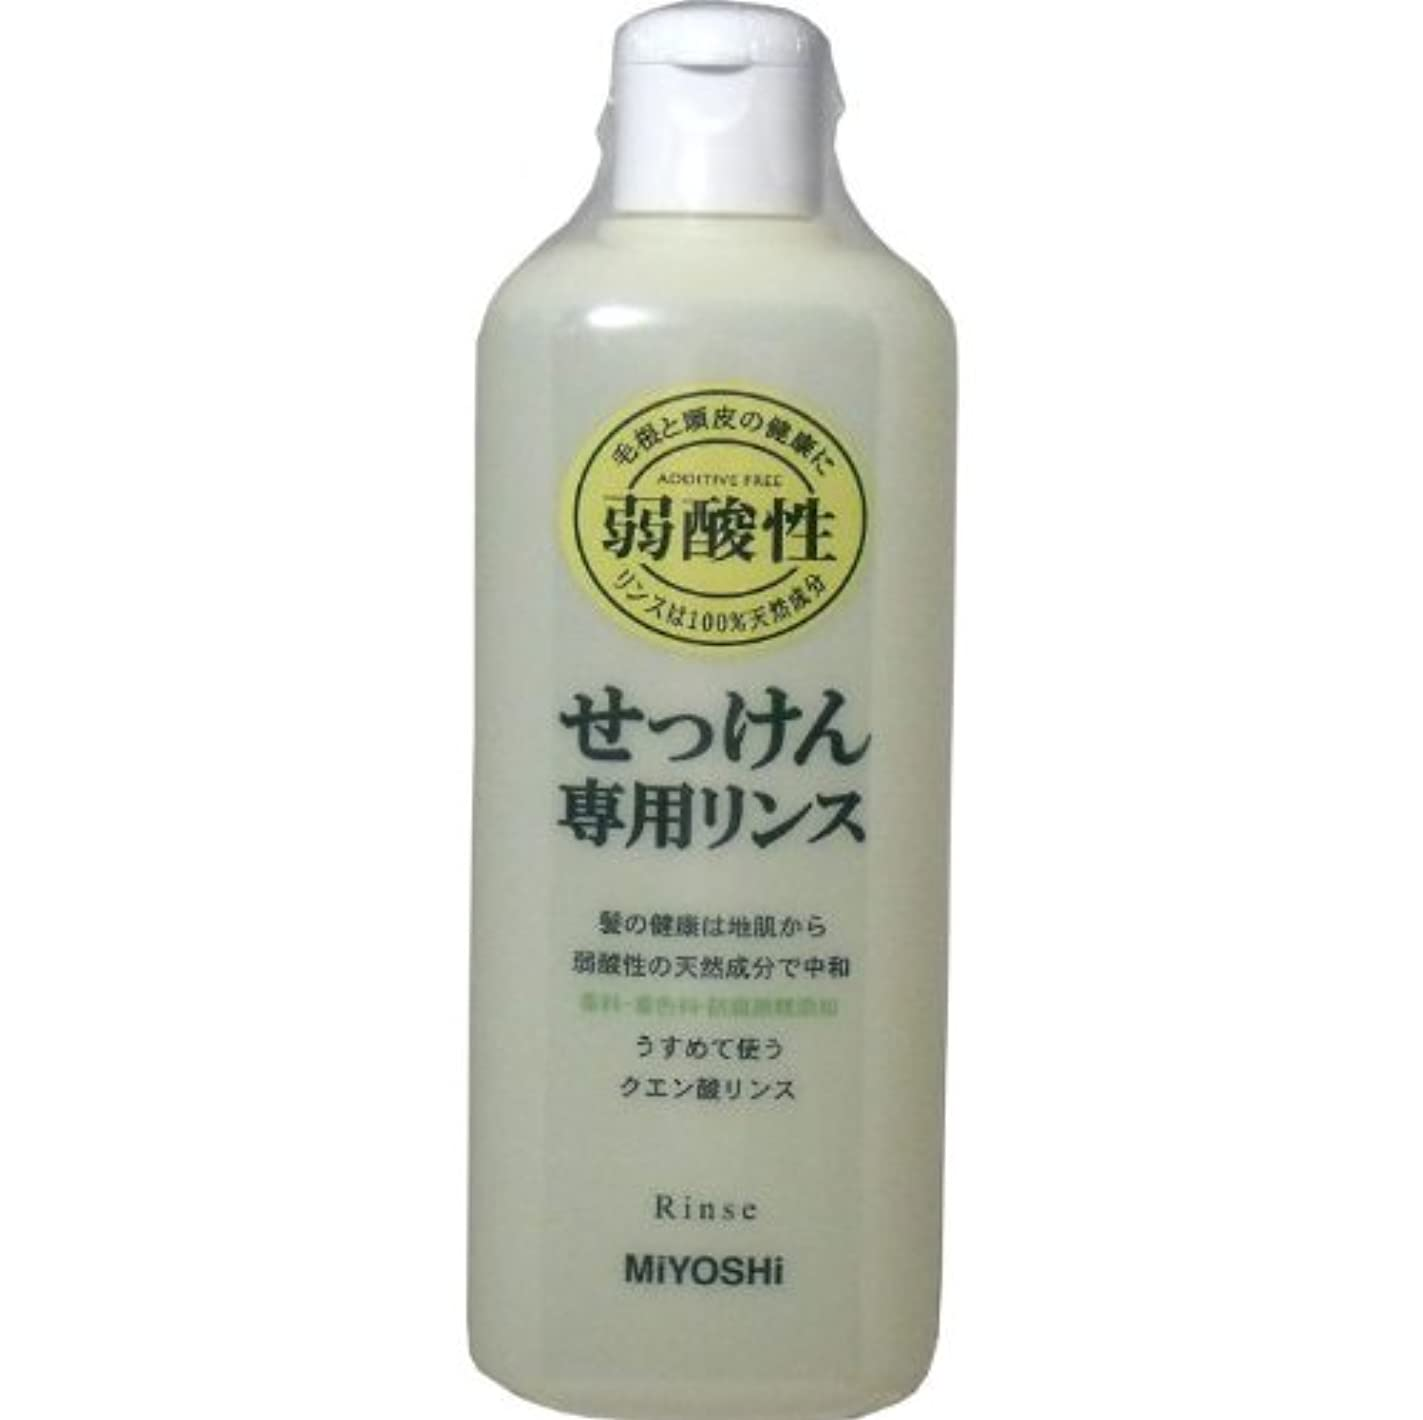 振動させる医薬品無効にする髪の健康は地肌から、弱酸性の天然成分で中和!!香料、防腐剤、着色料無添加!うすめて使うクエン酸リンス!リンス 350mL【5個セット】